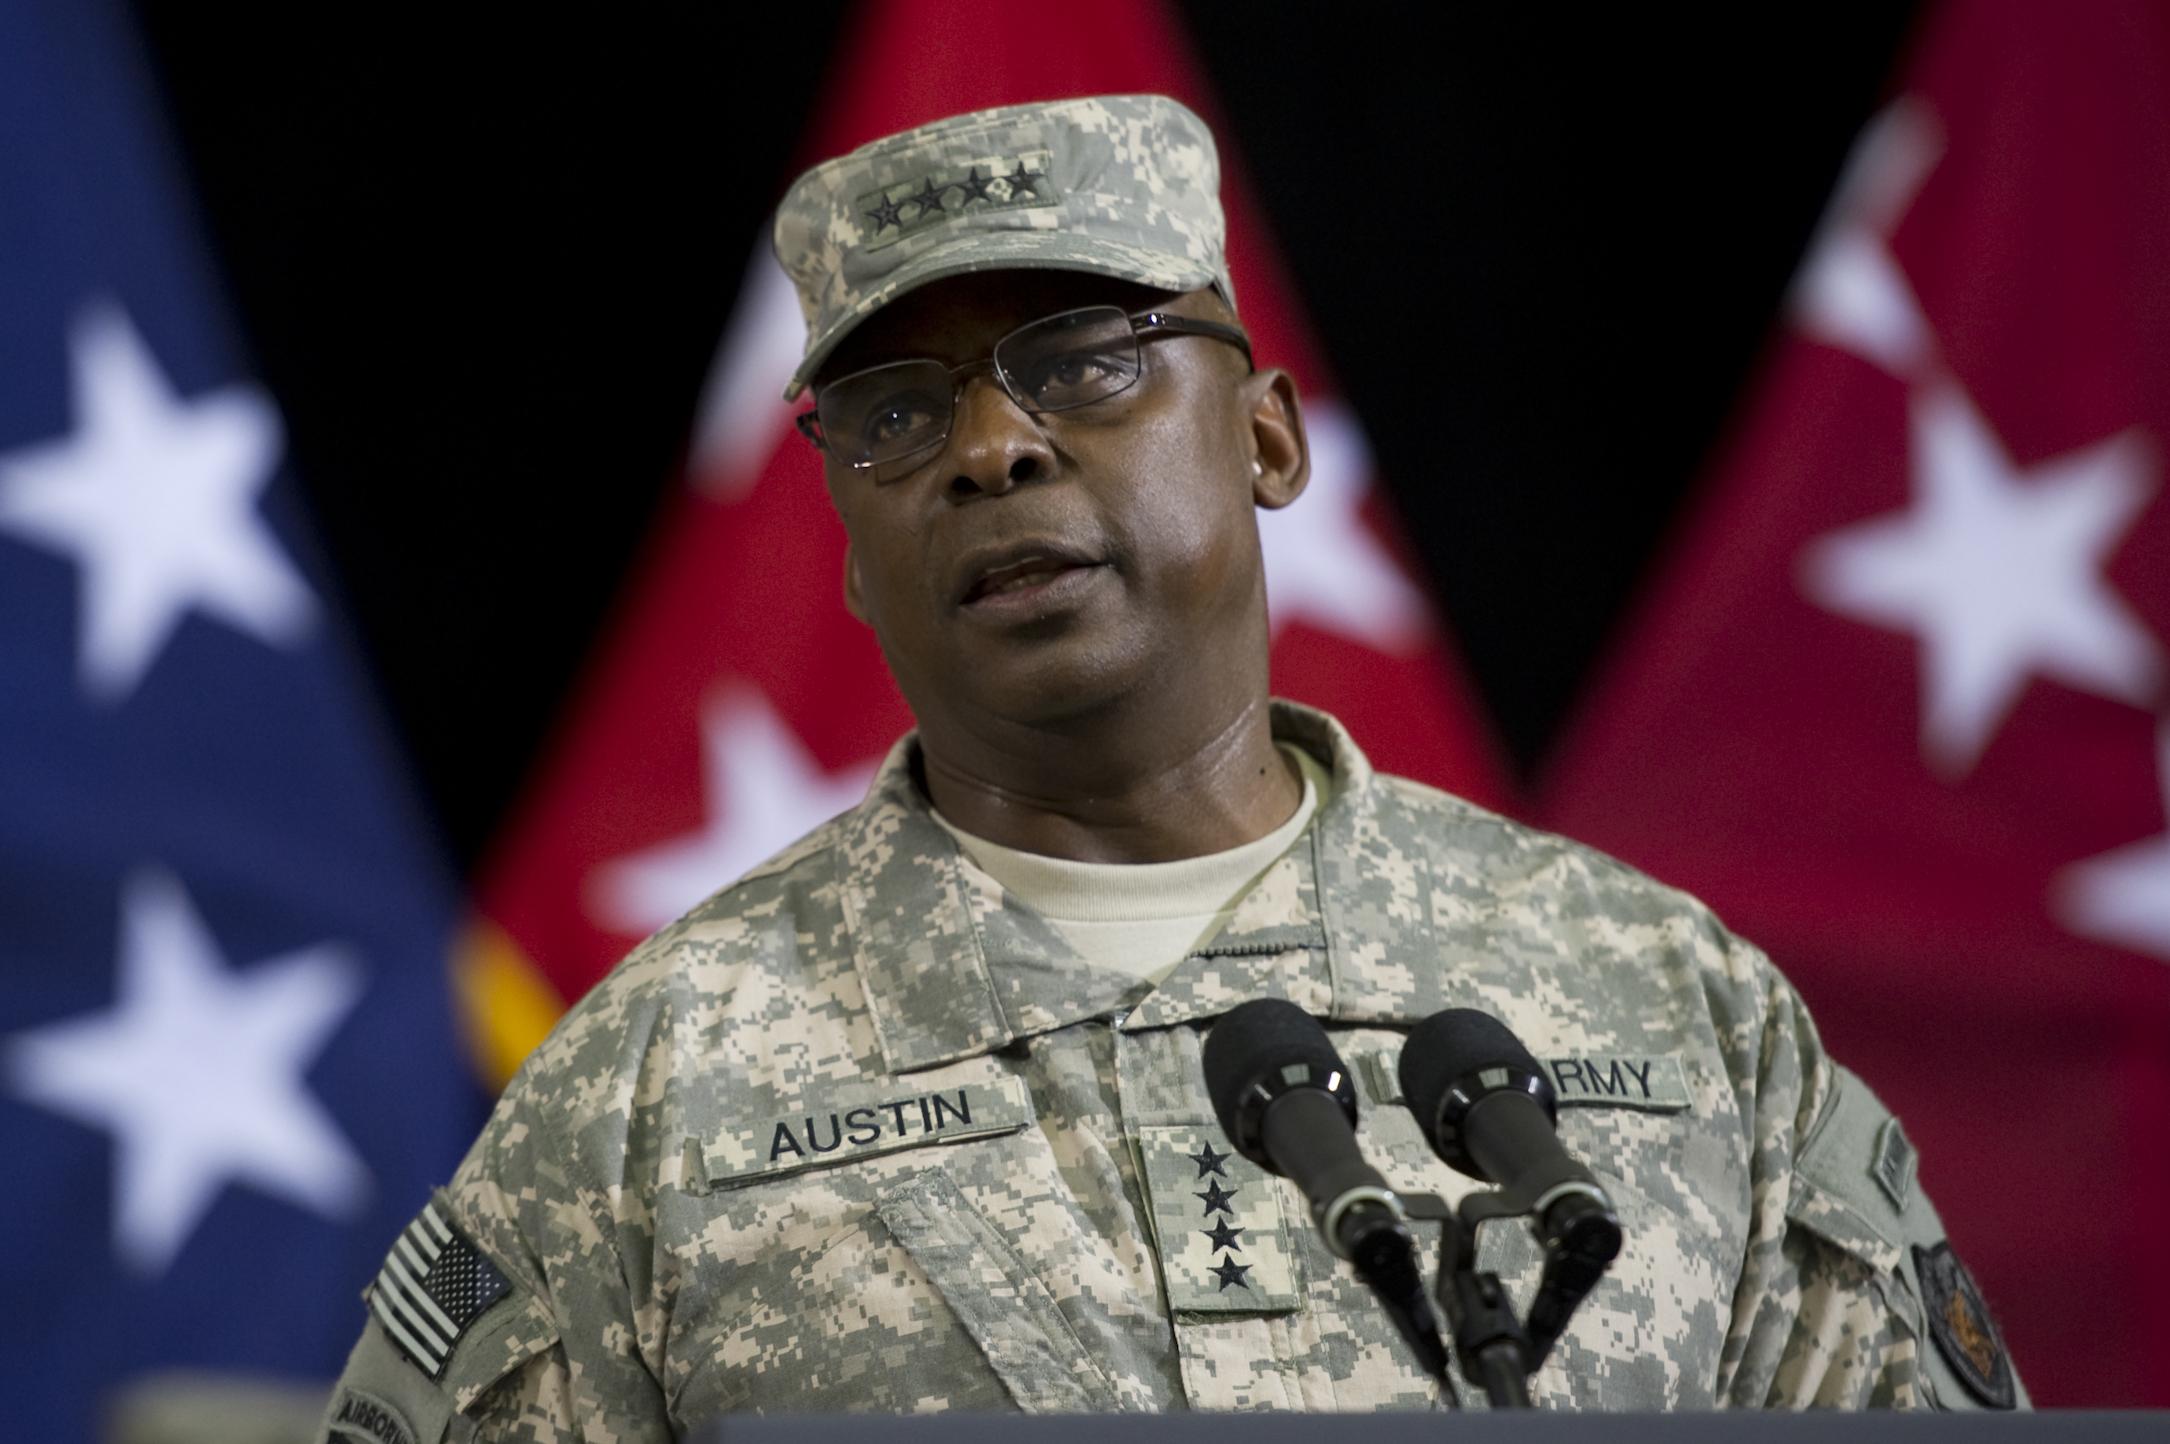 Министр обороны США подтвердил готовность к вооруженной поддержке Японии при обороне от Китая островов Сенкаку